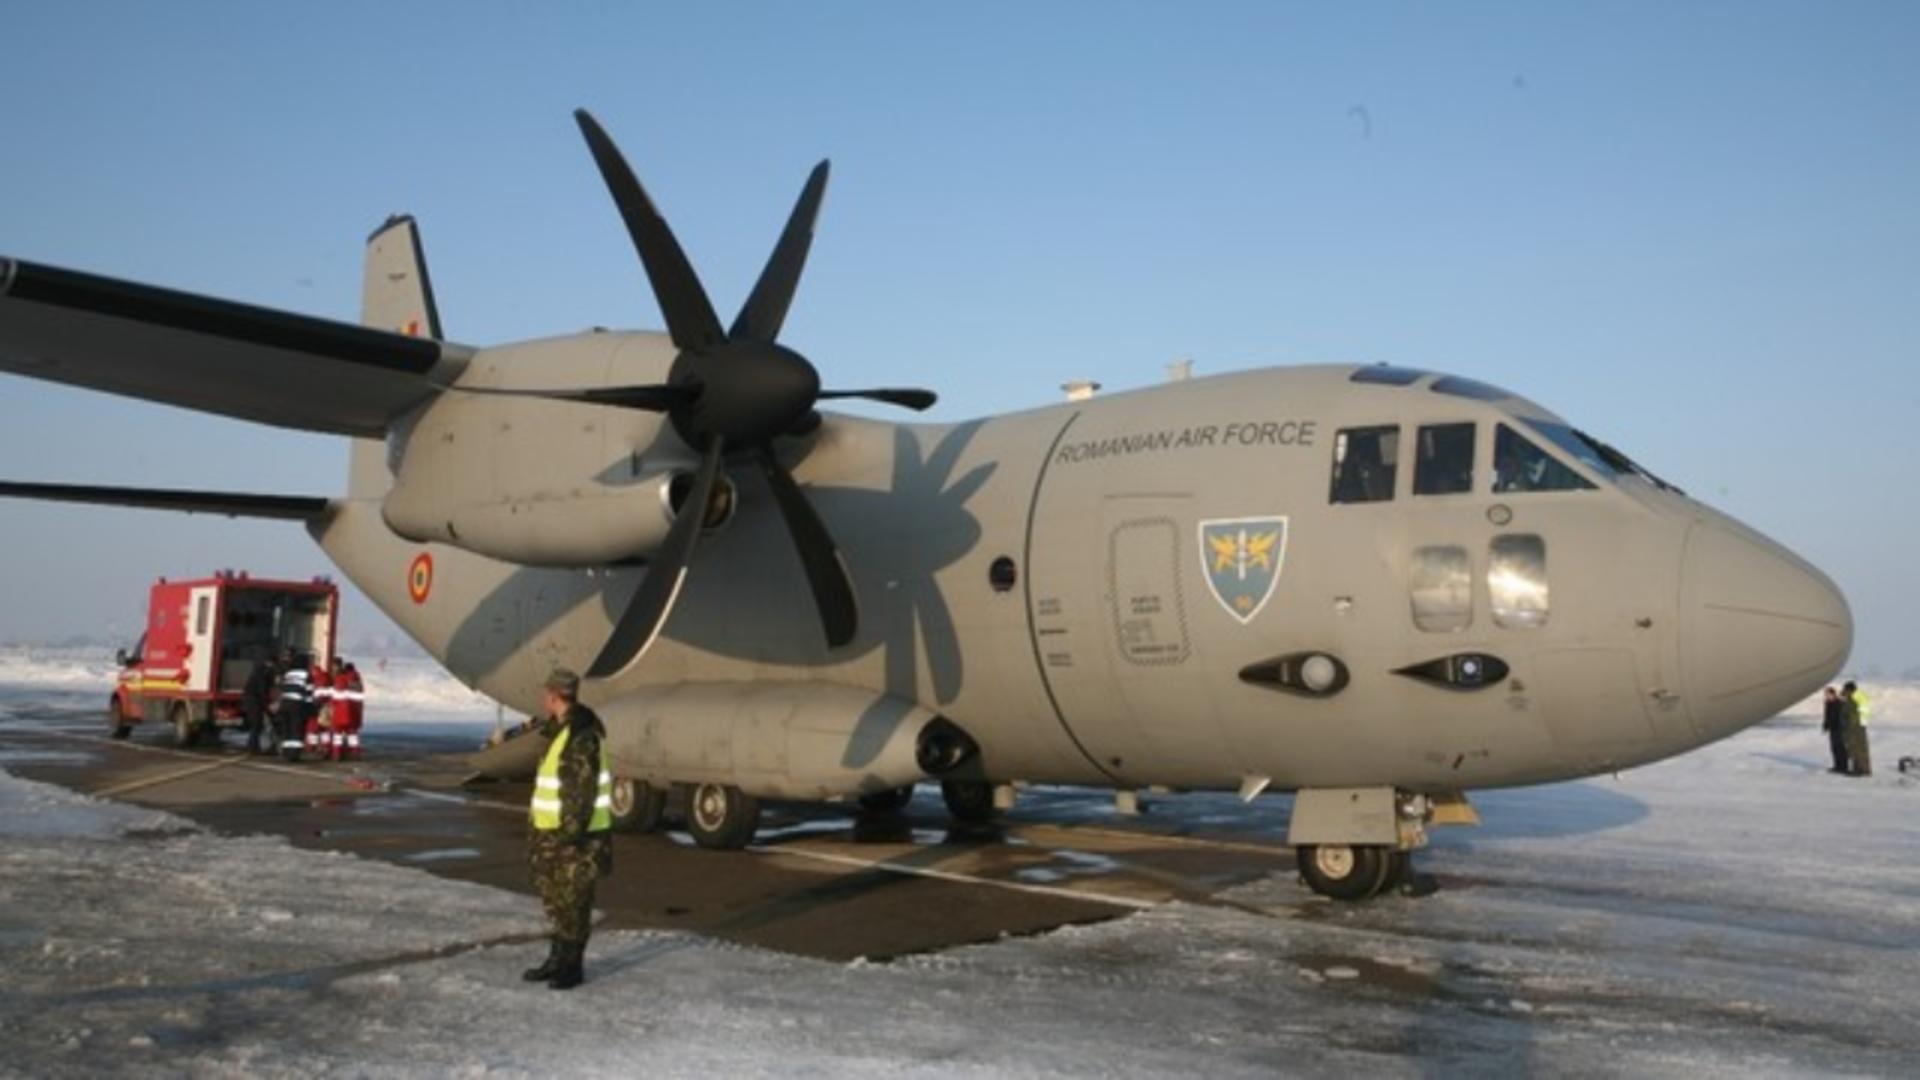 Aeronavă militară pentru misiuni medicale - imagine de arhivă